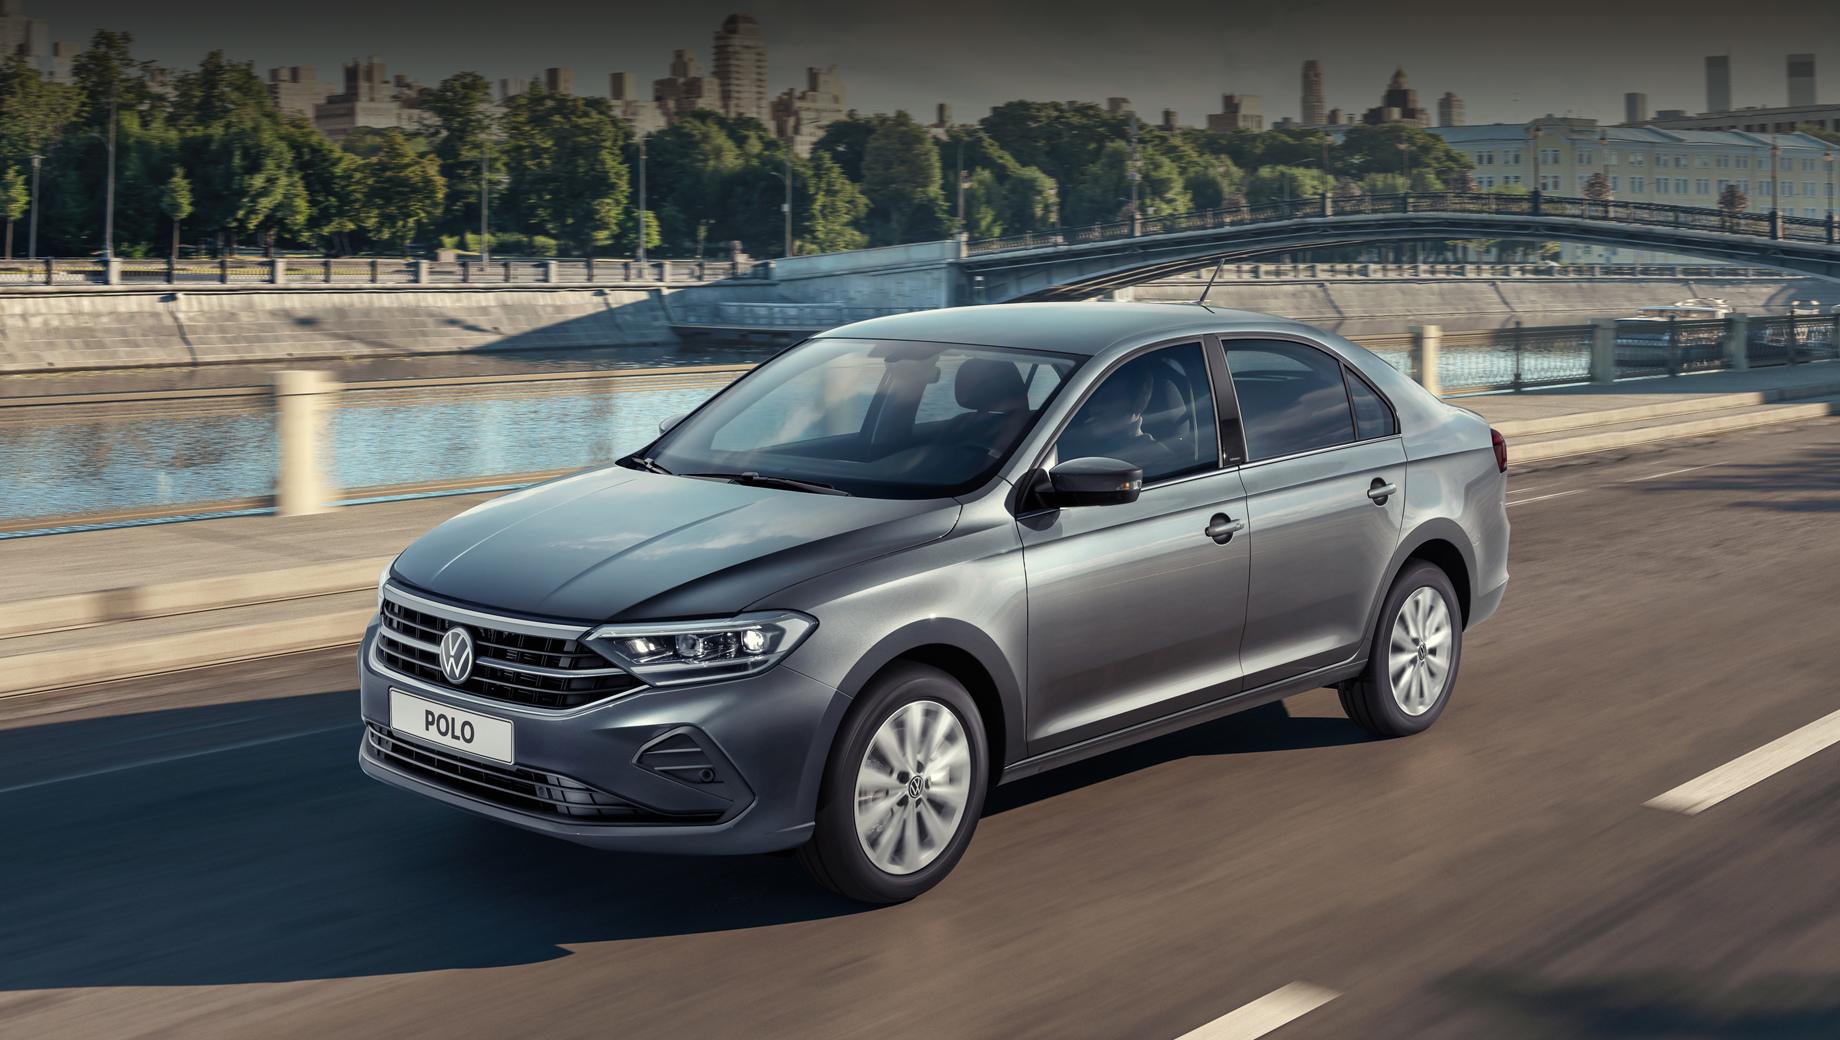 Volkswagen polo. Длина, ширина, высота лифтбека — 4483 мм (+93 мм), 1706 (+7), 1484 (+17) в сравнении с прошлым седаном. Паспортный клиренс — 170 мм (+7).